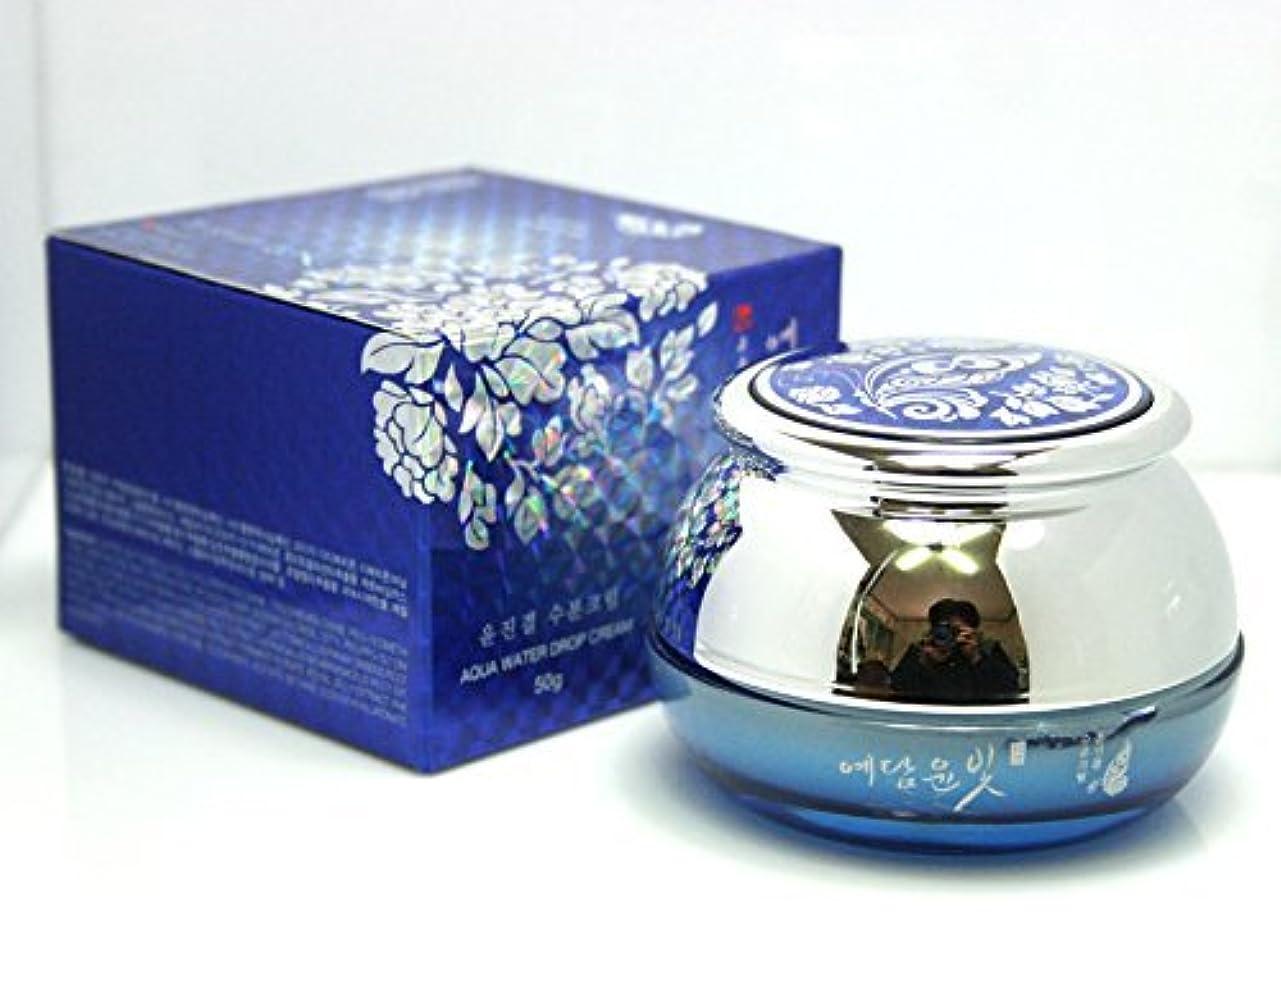 匹敵します年齢同情[YEDAM YUN BIT] Yunjin Gyeolアクアウォータードロップクリーム50g / オリエンタルハーブ / 韓国化粧品 / Yunjin Gyeol Aqua Water Drop Cream 50g /...